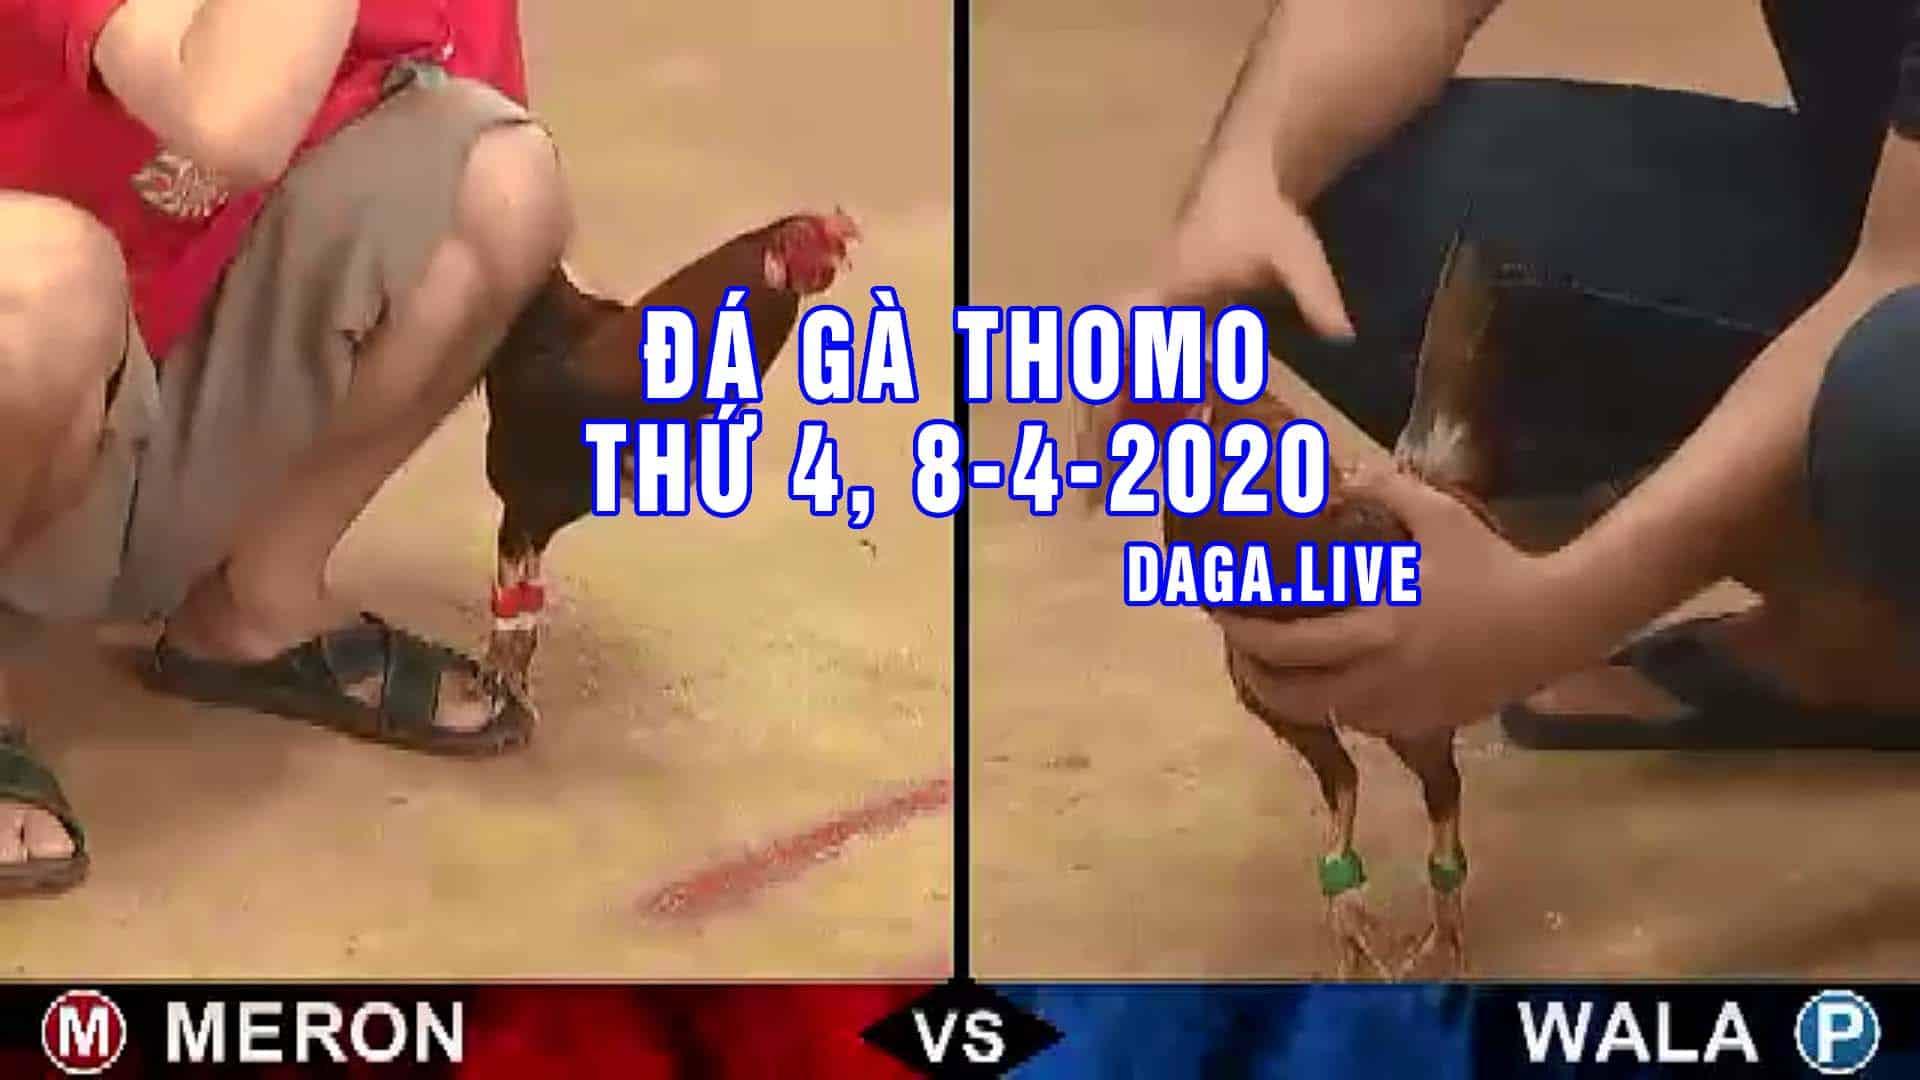 DAGA.LIVE - Đá gà trực tiếp thomo hôm nay, đá gà thomo, đá gà campuchia thứ 4 ngày 8-4-2020